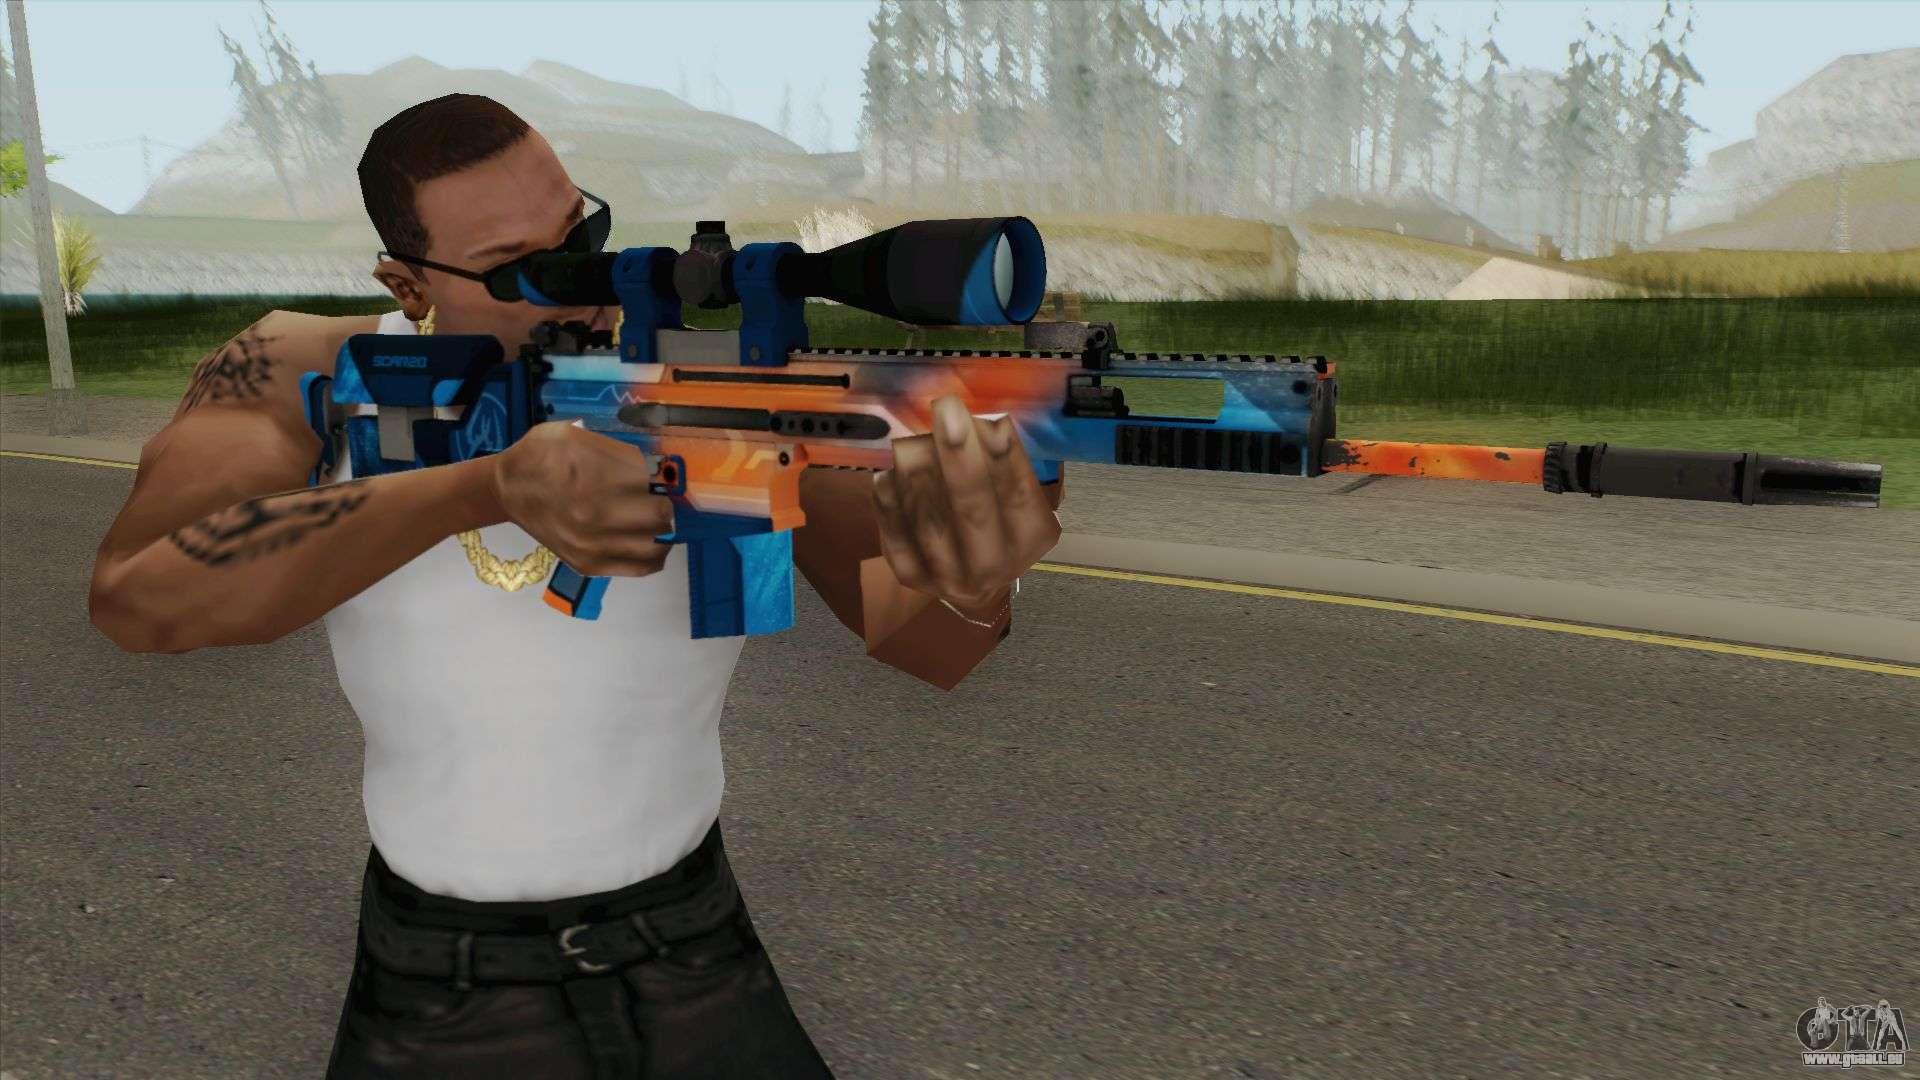 Cs Go Waffen Skins Werden Nicht Angezeigt